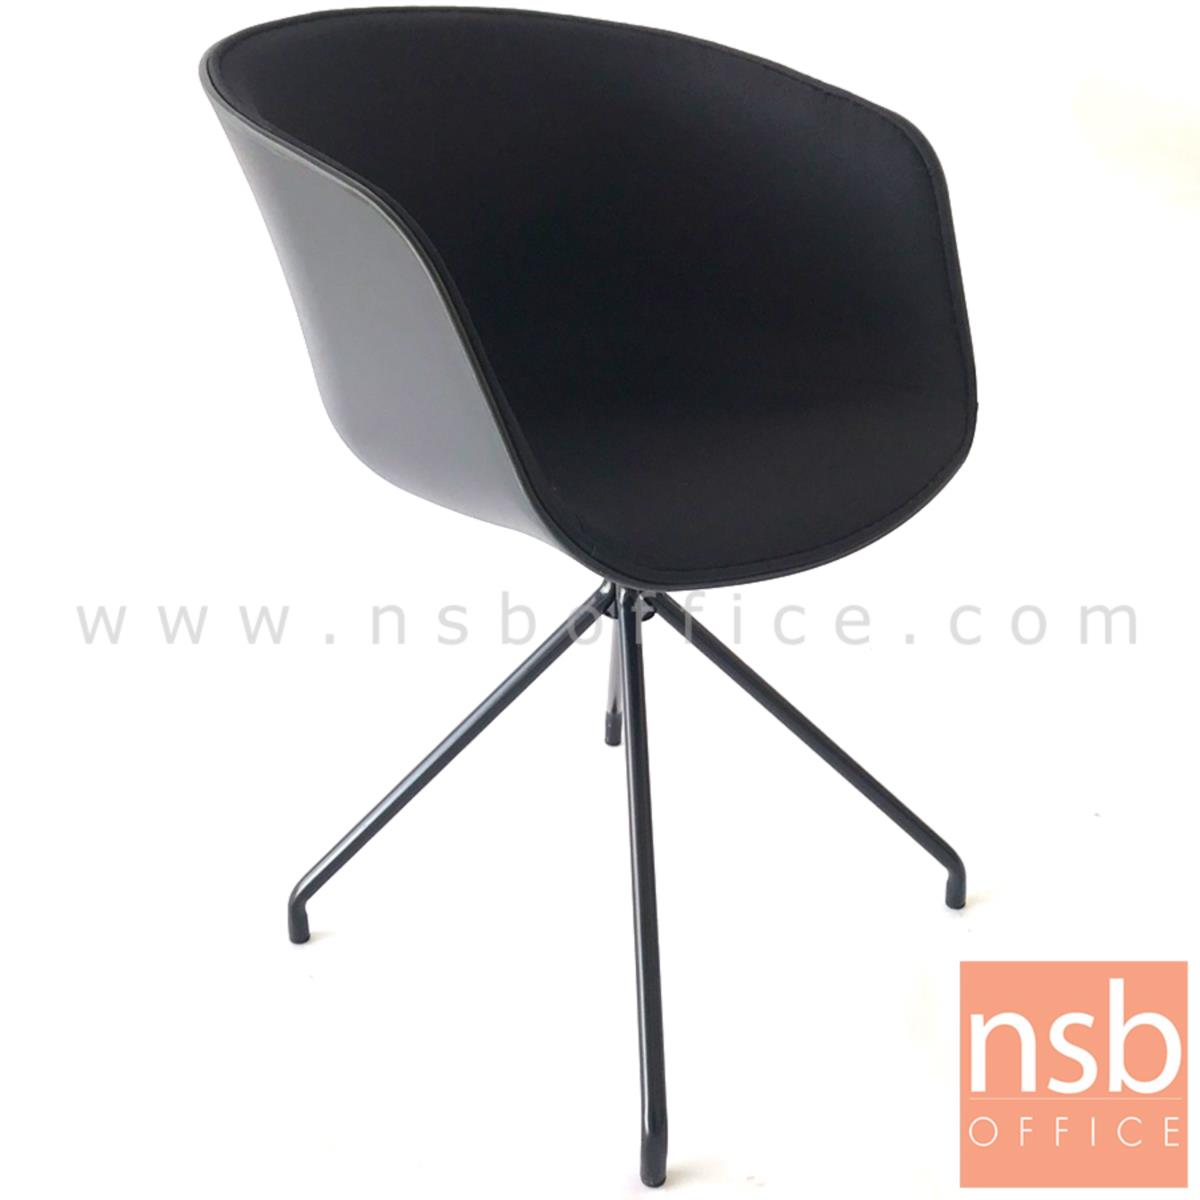 B29A336:เก้าอี้โพลี่ที่นั่งหุ้มผ้า รุ่น Bonita (โบนิต้า) ขนาด 55W cm. ขาเหล็กดำ